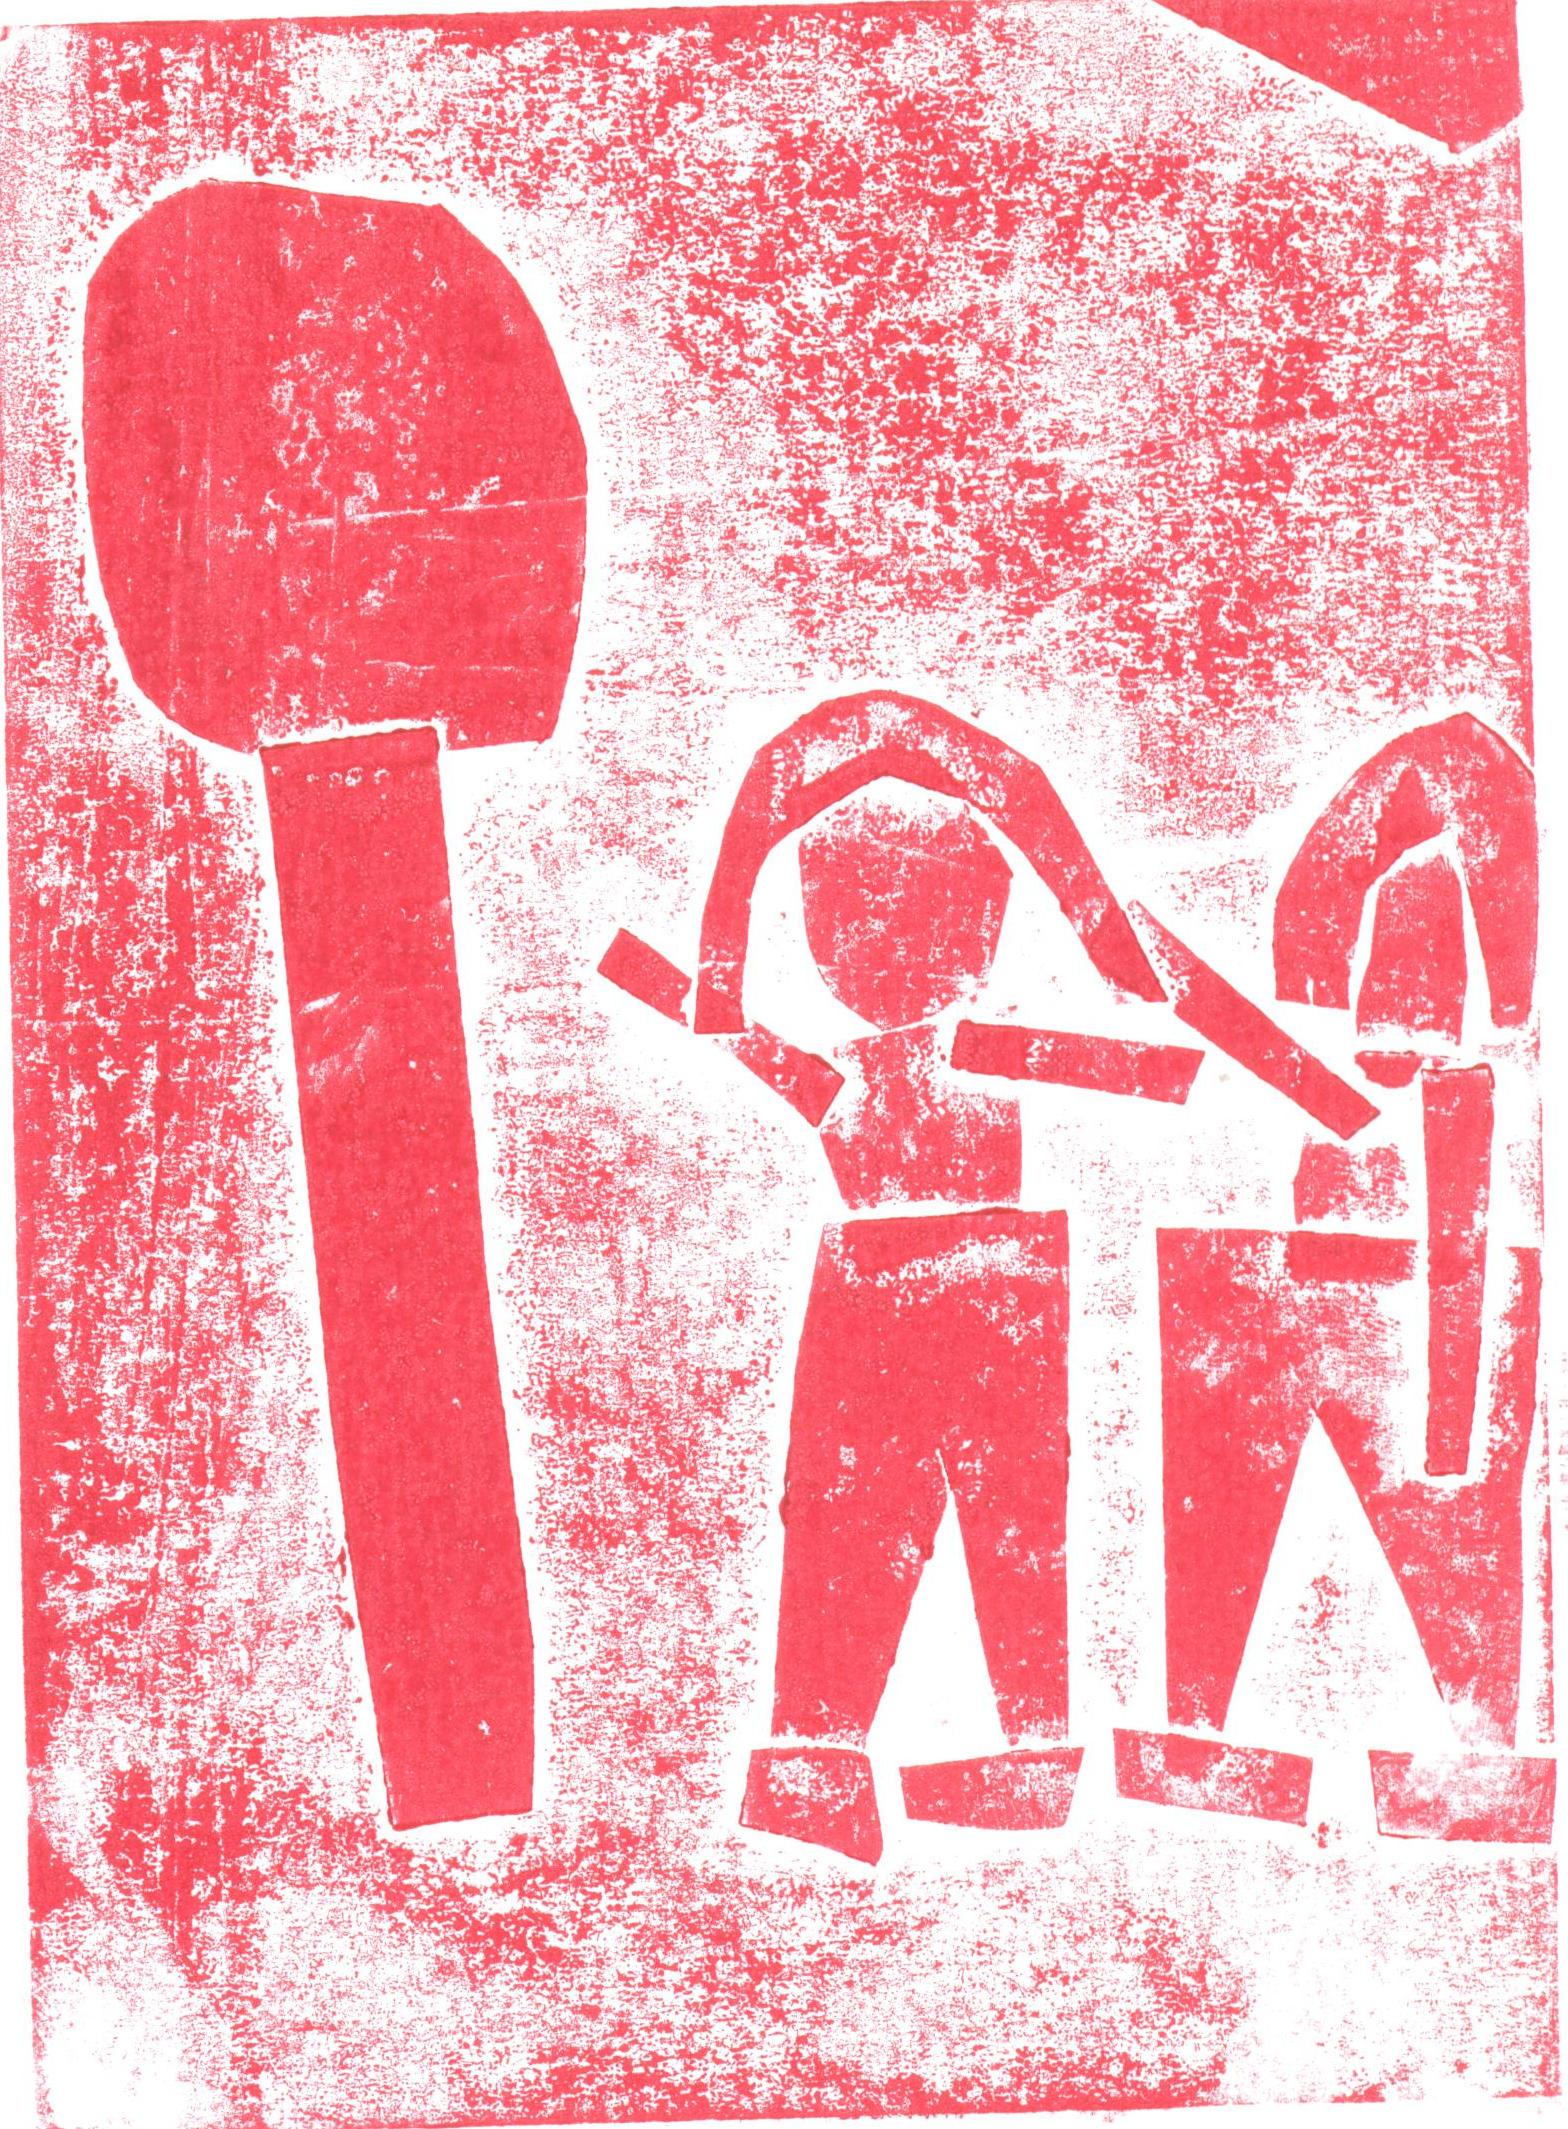 2003, werken aan de stoomketel